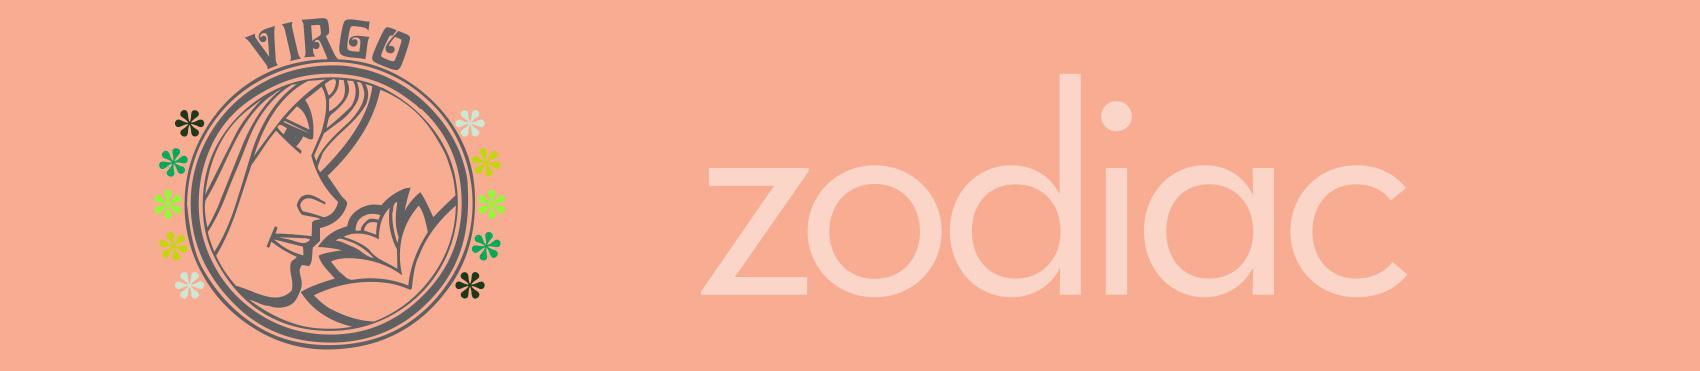 Zodiac logo ideas